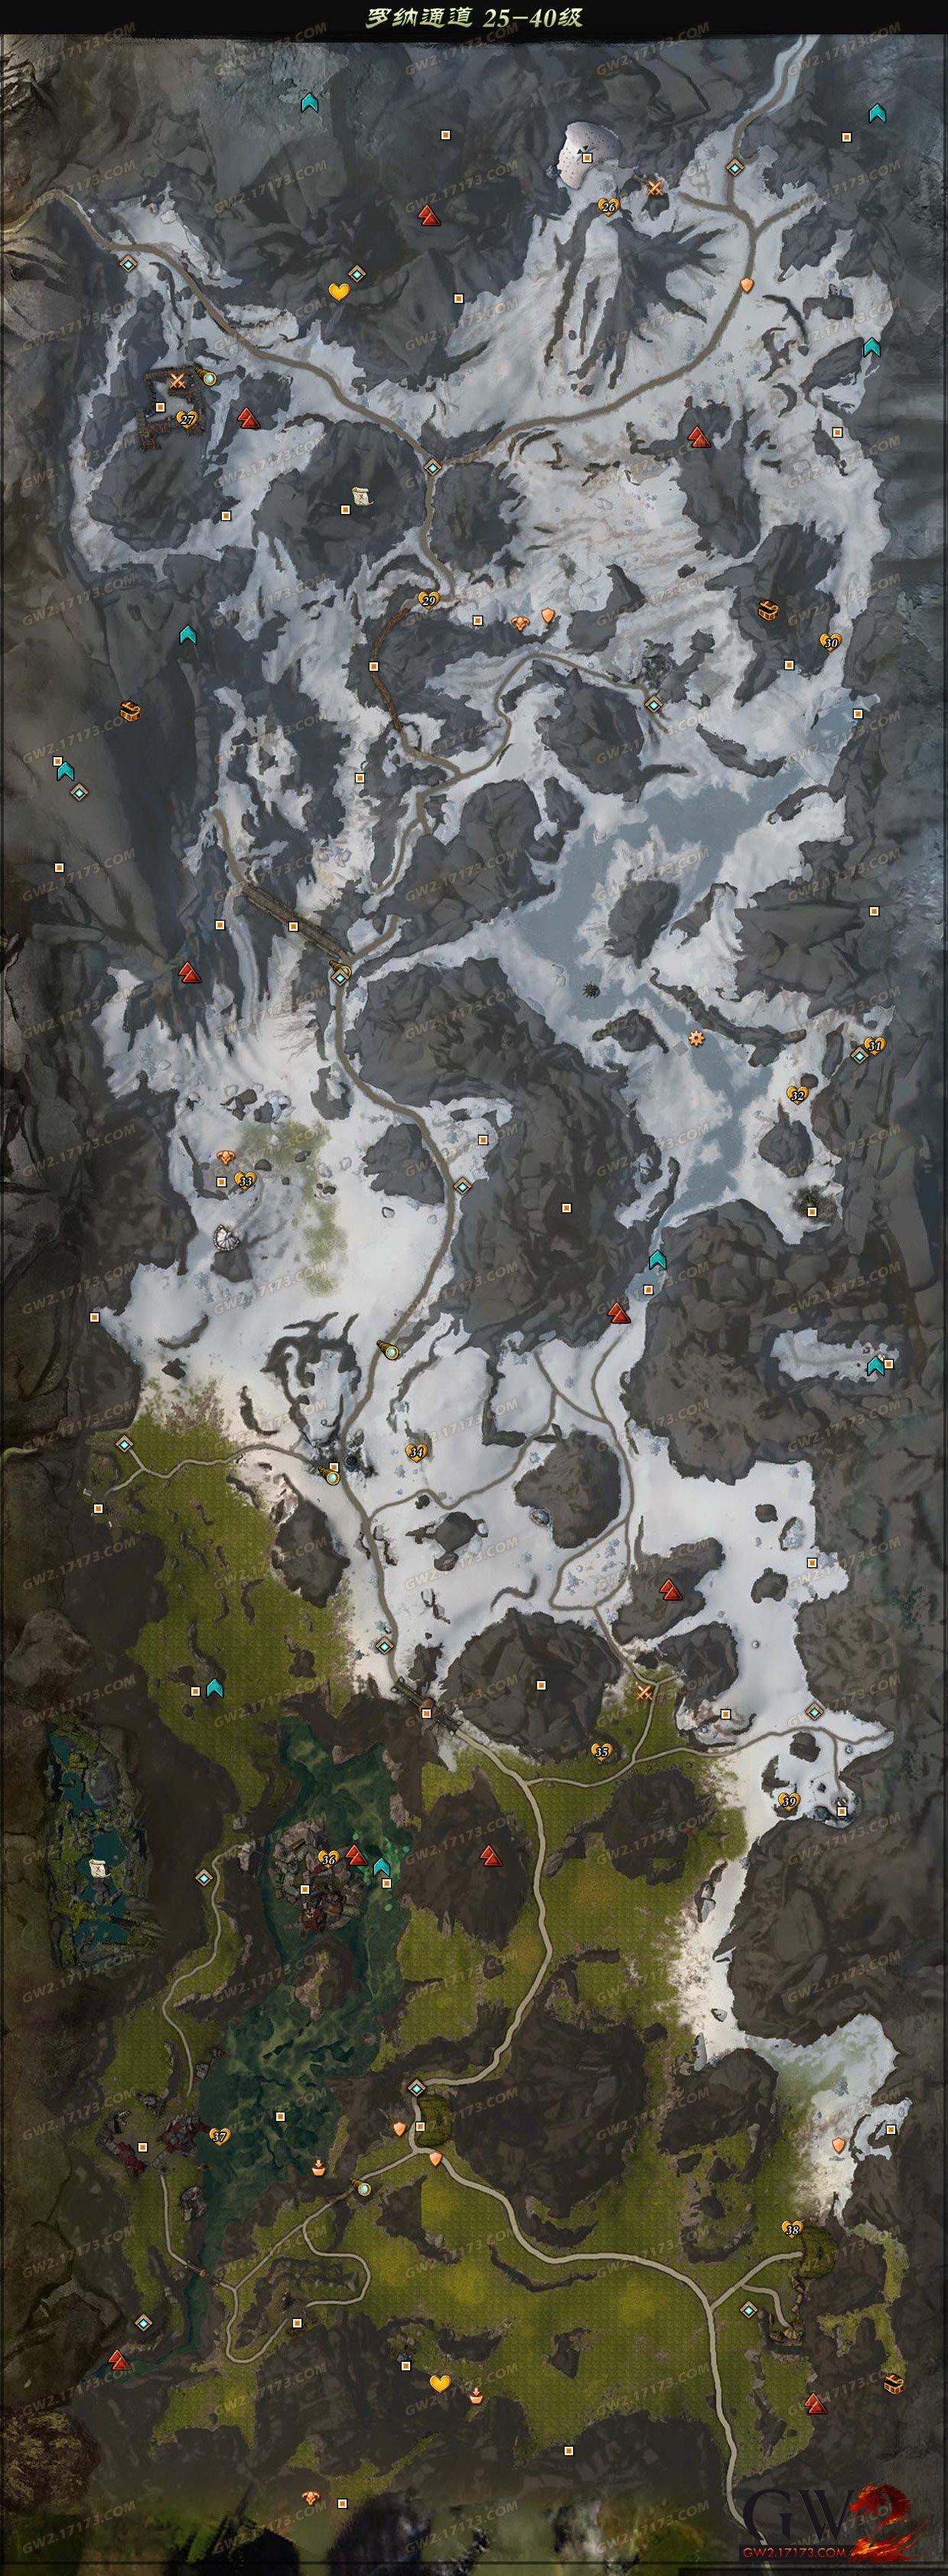 《激战2》先锋测试地图介绍